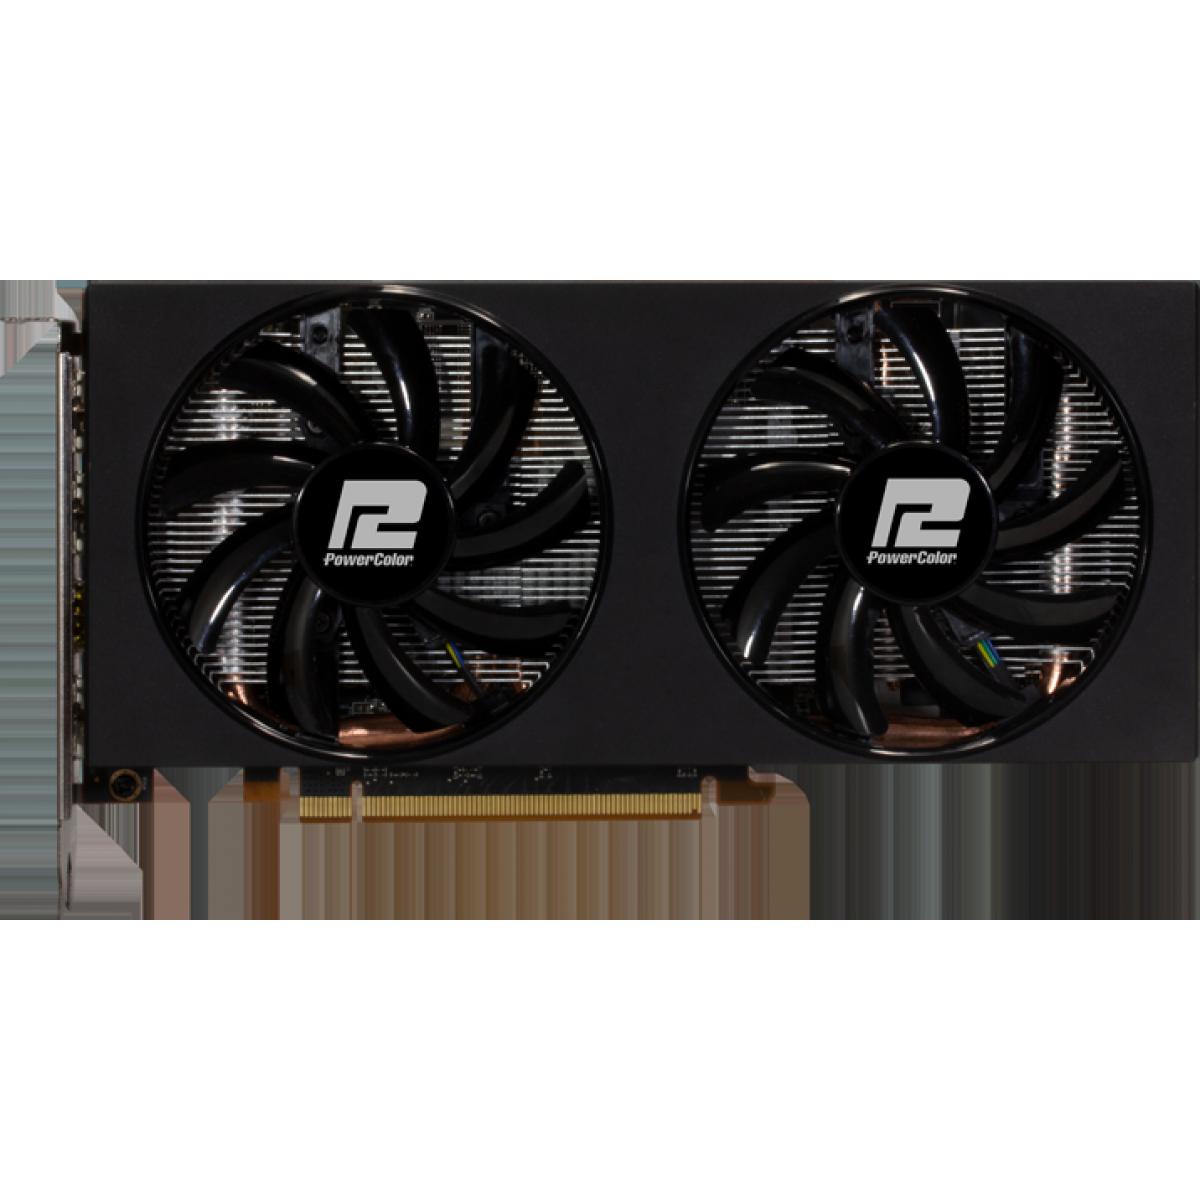 Placa de Vídeo Powercolor, Radeon, Navi RX 5600 XT Dual OC, 6GB, GDDR6, AXRX 5600XT 6GBD6-3DHV2/OC